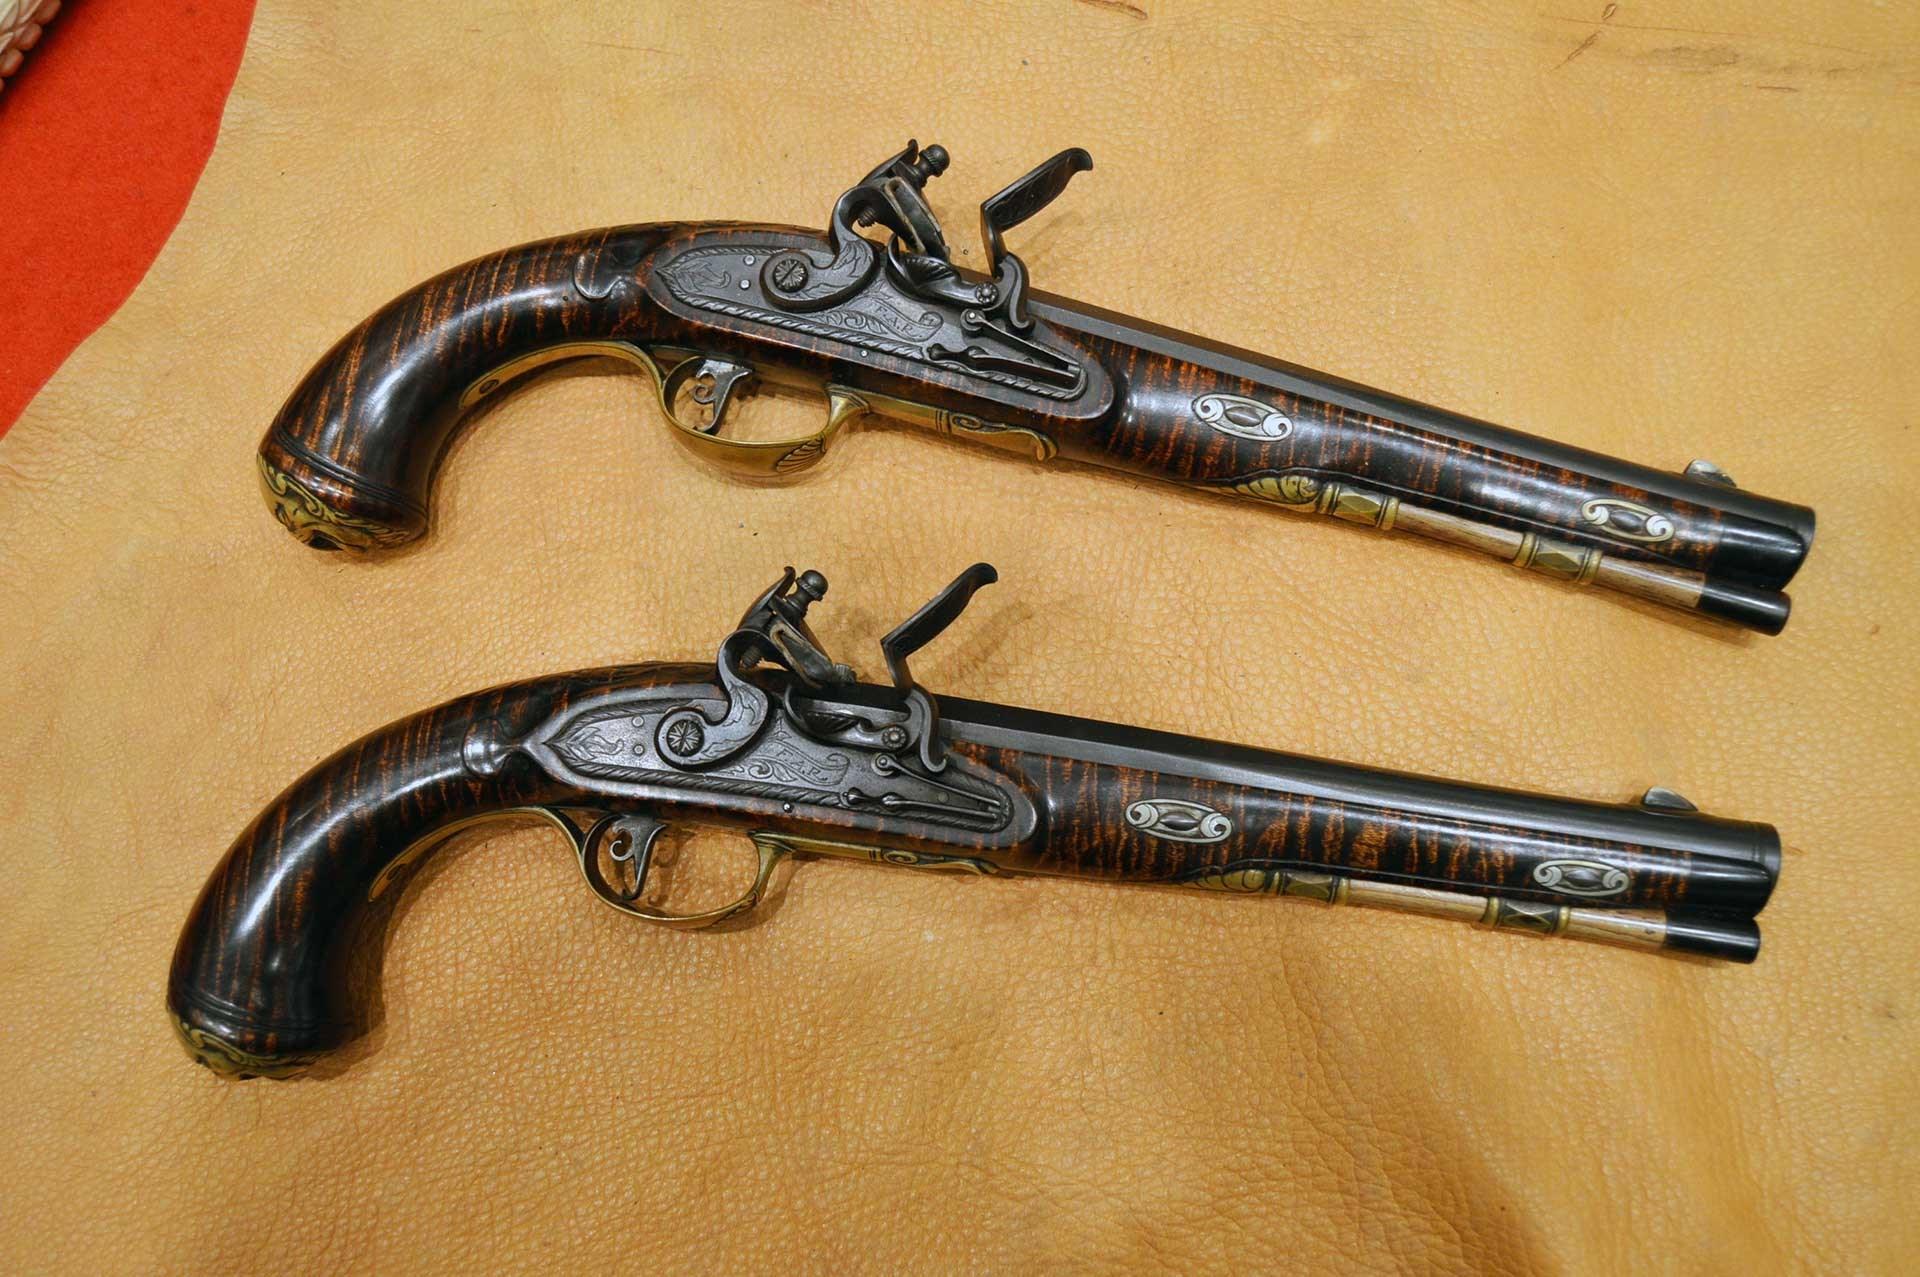 Two flintlock pistols shown on a deerskin background.